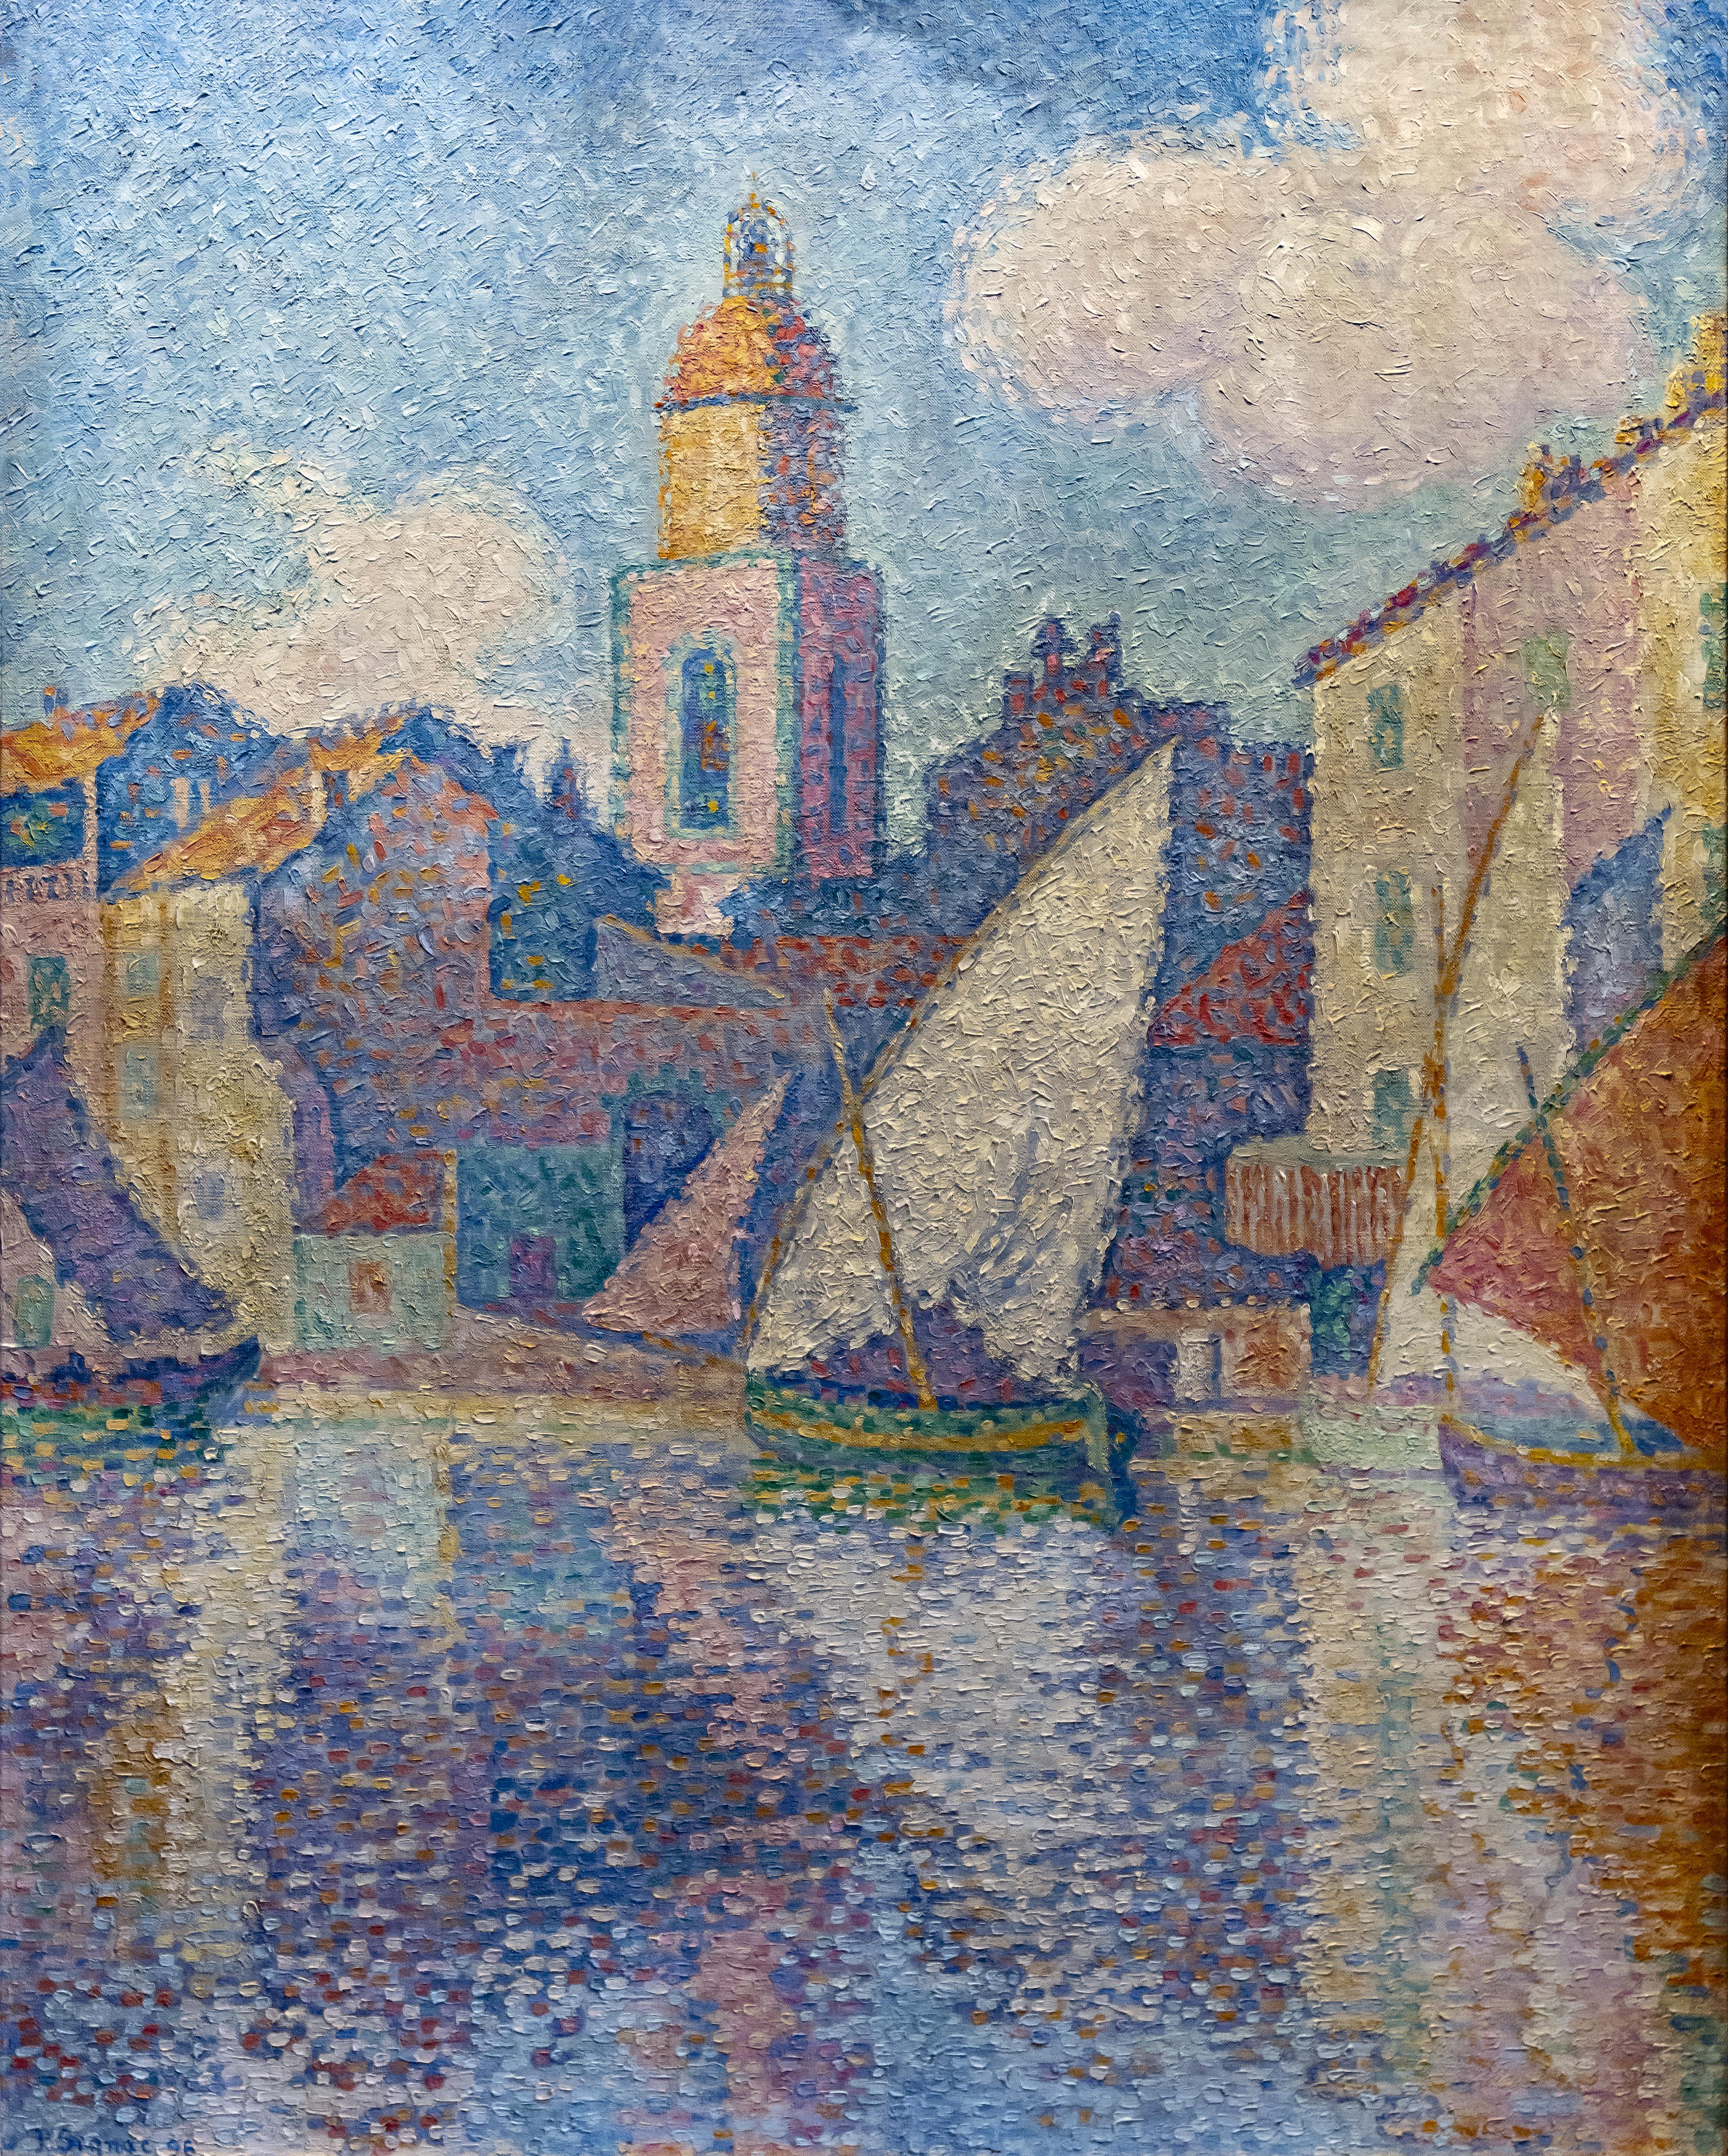 Artiste Peintre St Tropez fichier:bemberg fondation toulouse - le clocher de saint